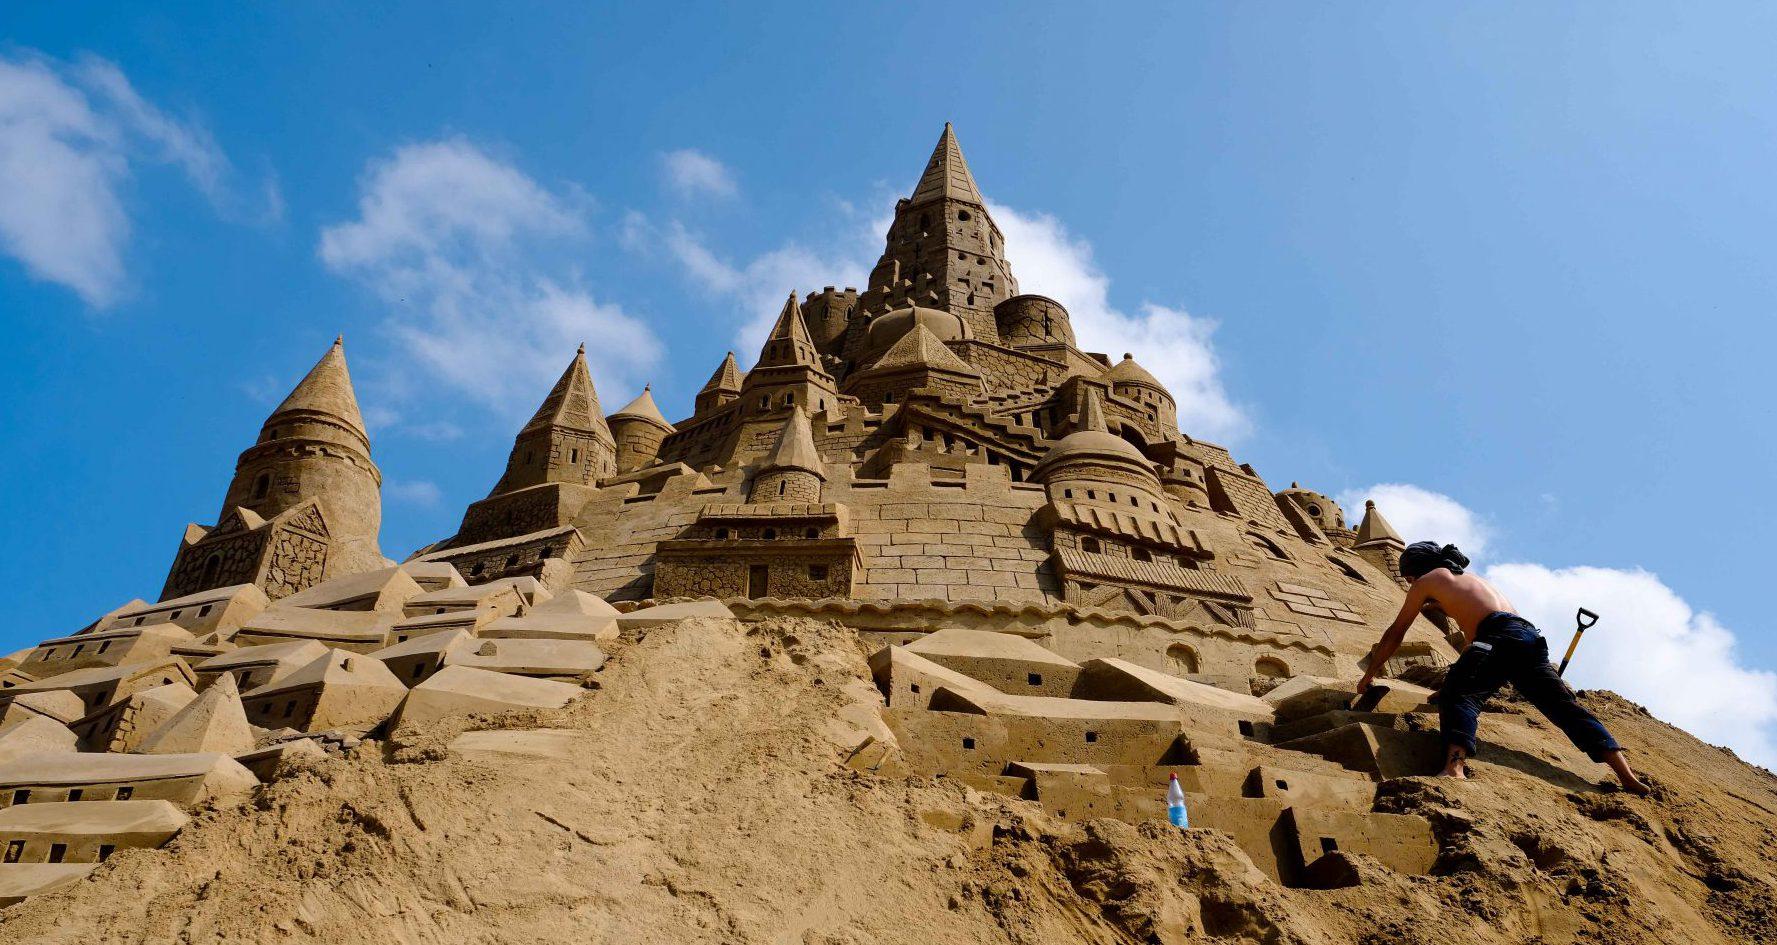 Sandburgenbauer in Binz – hier entsteht gerade die höchste Sandburg der Welt